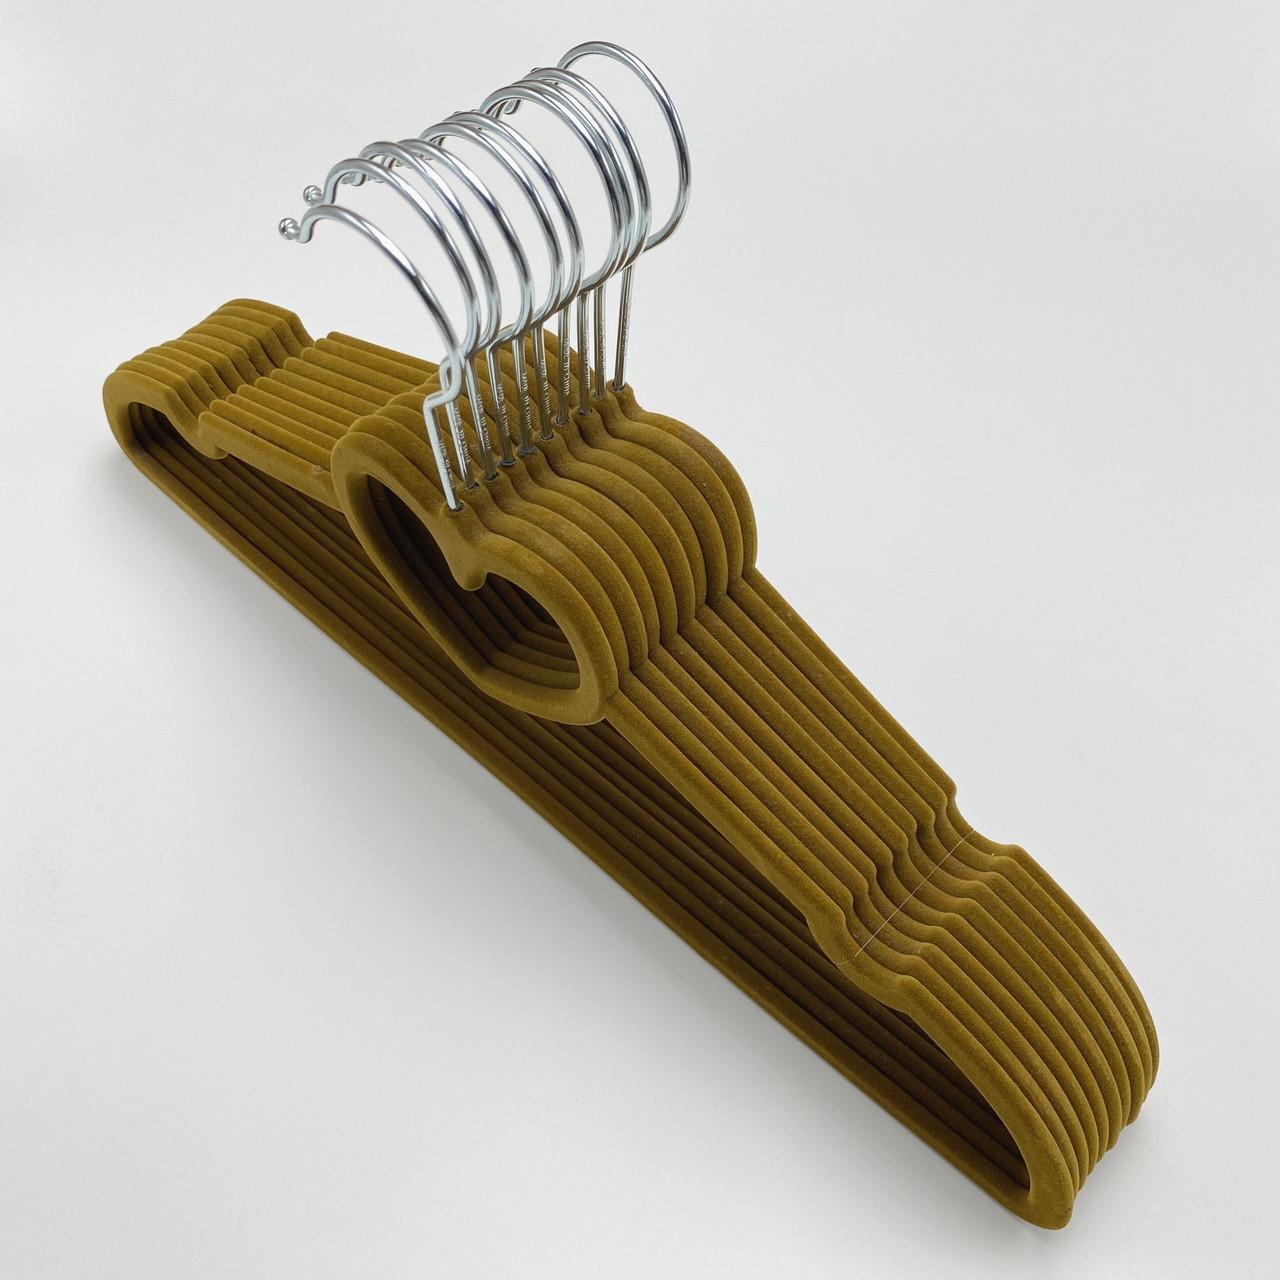 Бархатные плечики для одежды 10 шт. (флокированные, велюровые) коричневого цвета сердце